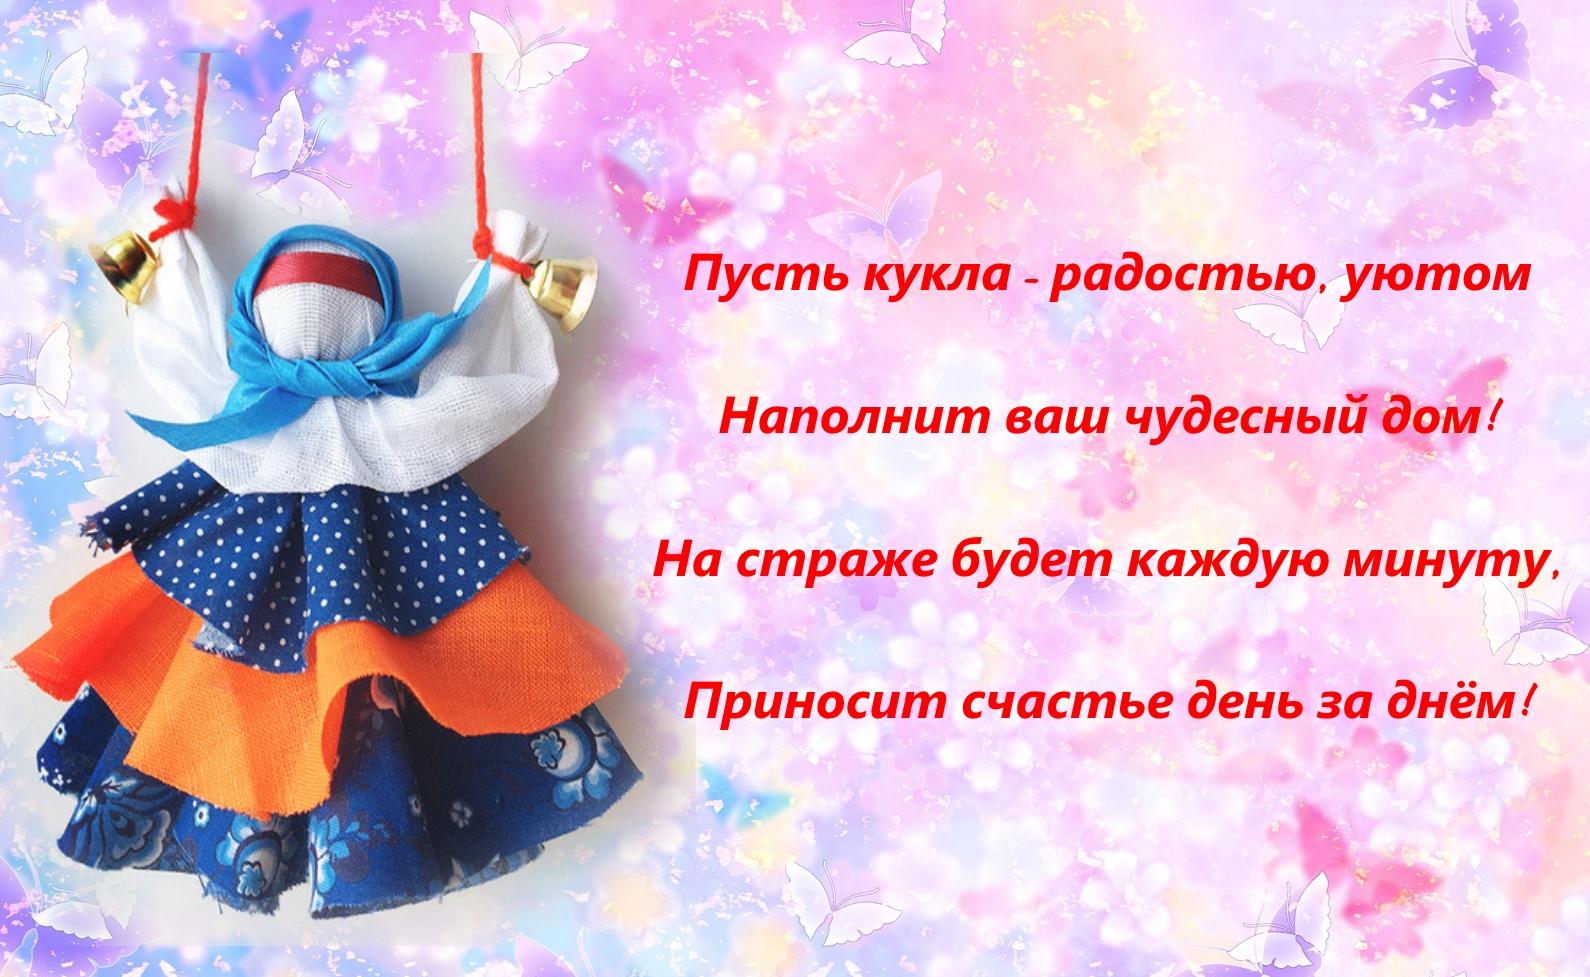 Стихи Кукла Колокольчик в подарок